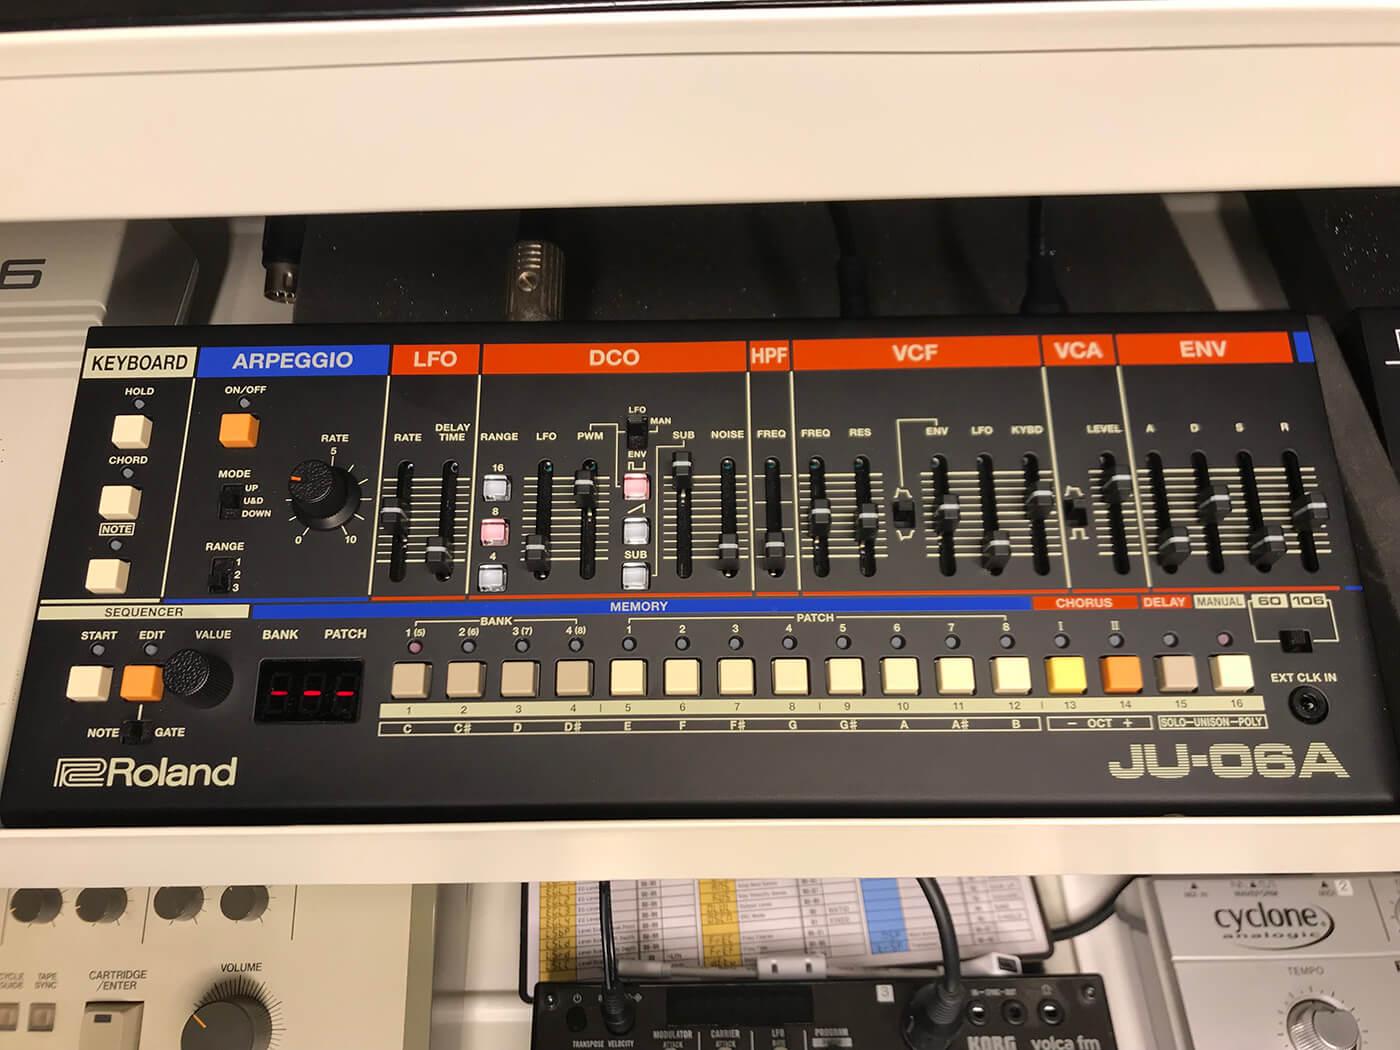 Martin Ikin's Roland JU 06A